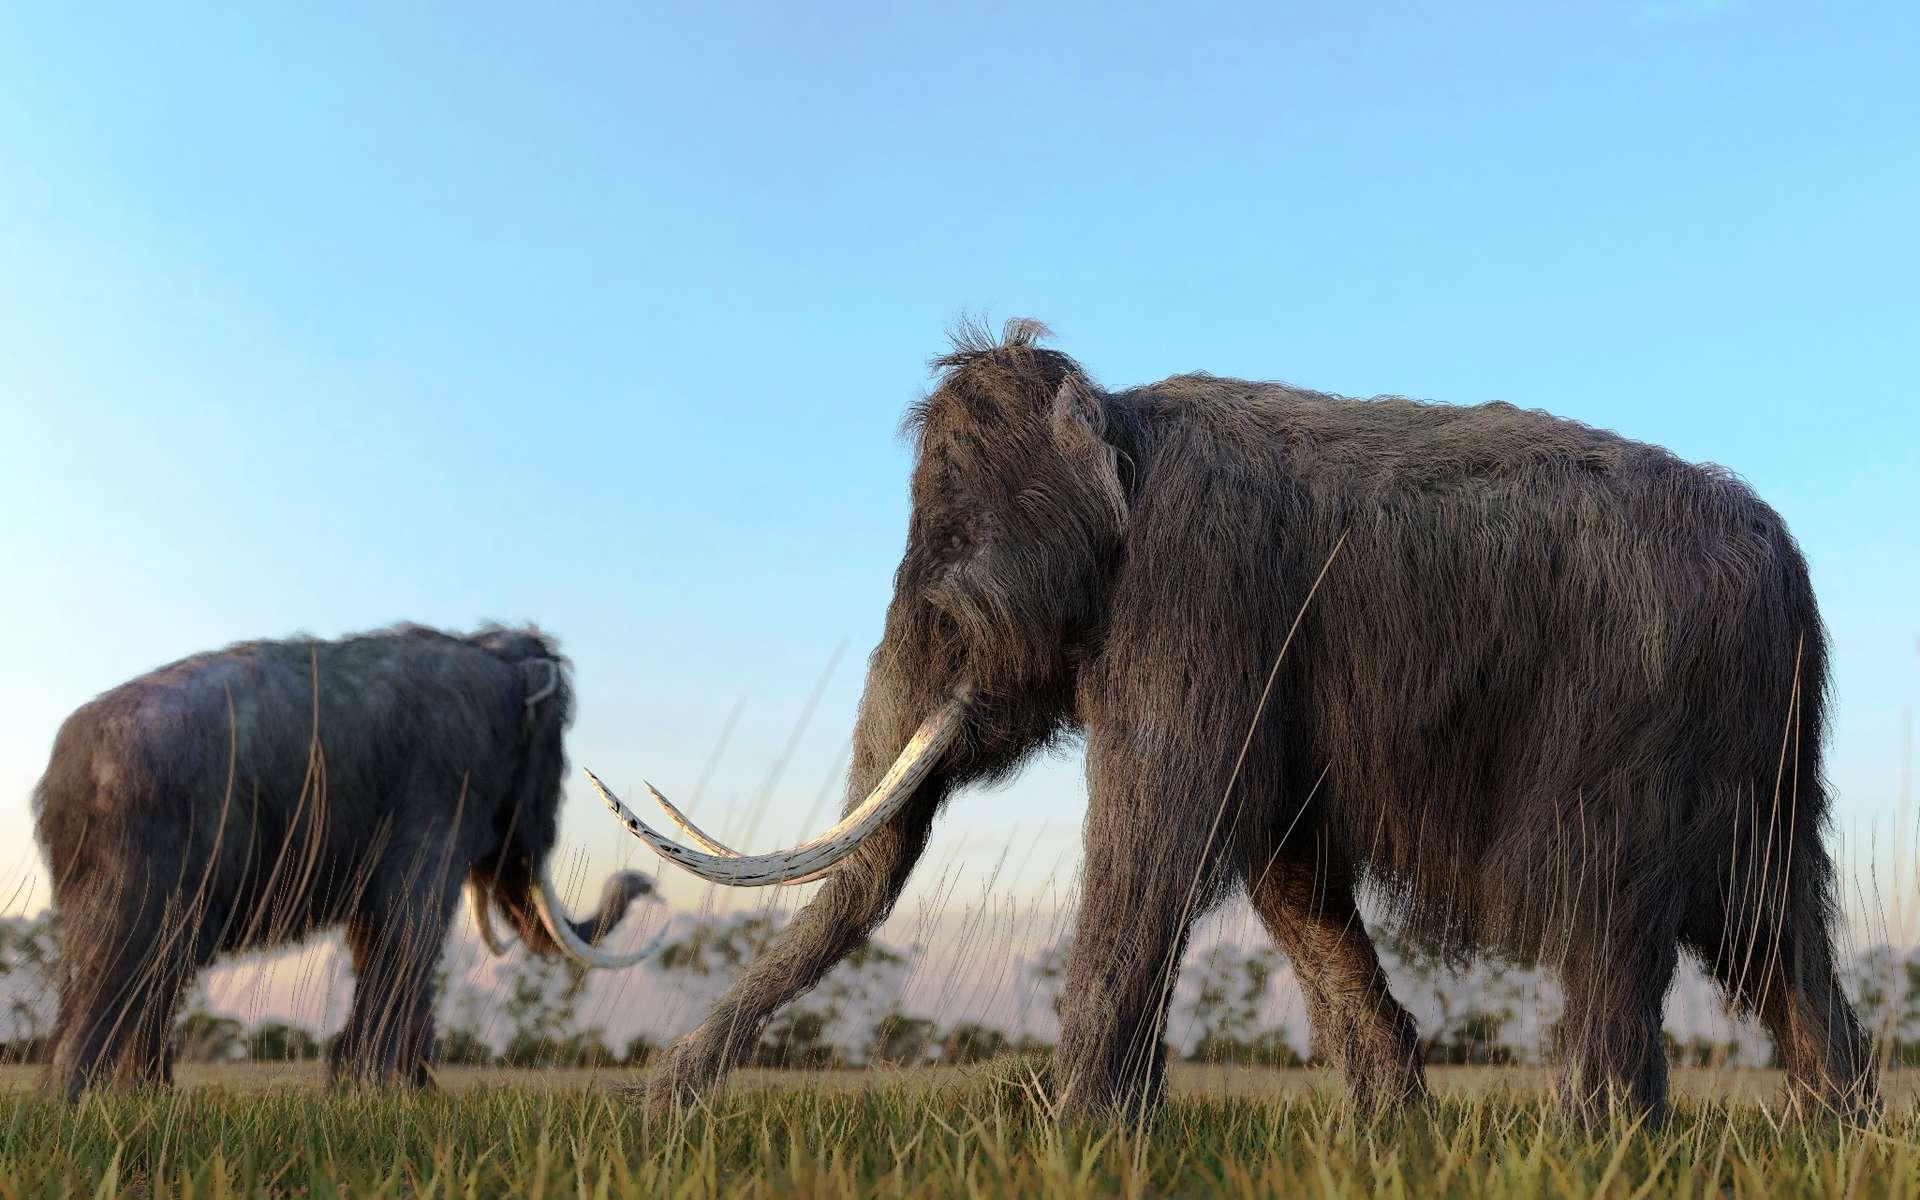 Les mammouths étaient présents sur le continent nord-américain depuis environ deux millions d'années quand ils ont dispararu il y a un peu plus de 10.000 ans pour des raisons encore inconnues. L'une de ces espèces, le Mammouth de Colomb, est apparue il y a un million d'années et semble avoir colonisé des îles californiennes à deux reprises, lorsque les glaciations ont pu lui permettre de nager dans des eaux peu profondes. © Shutterstock, Aunt Spray